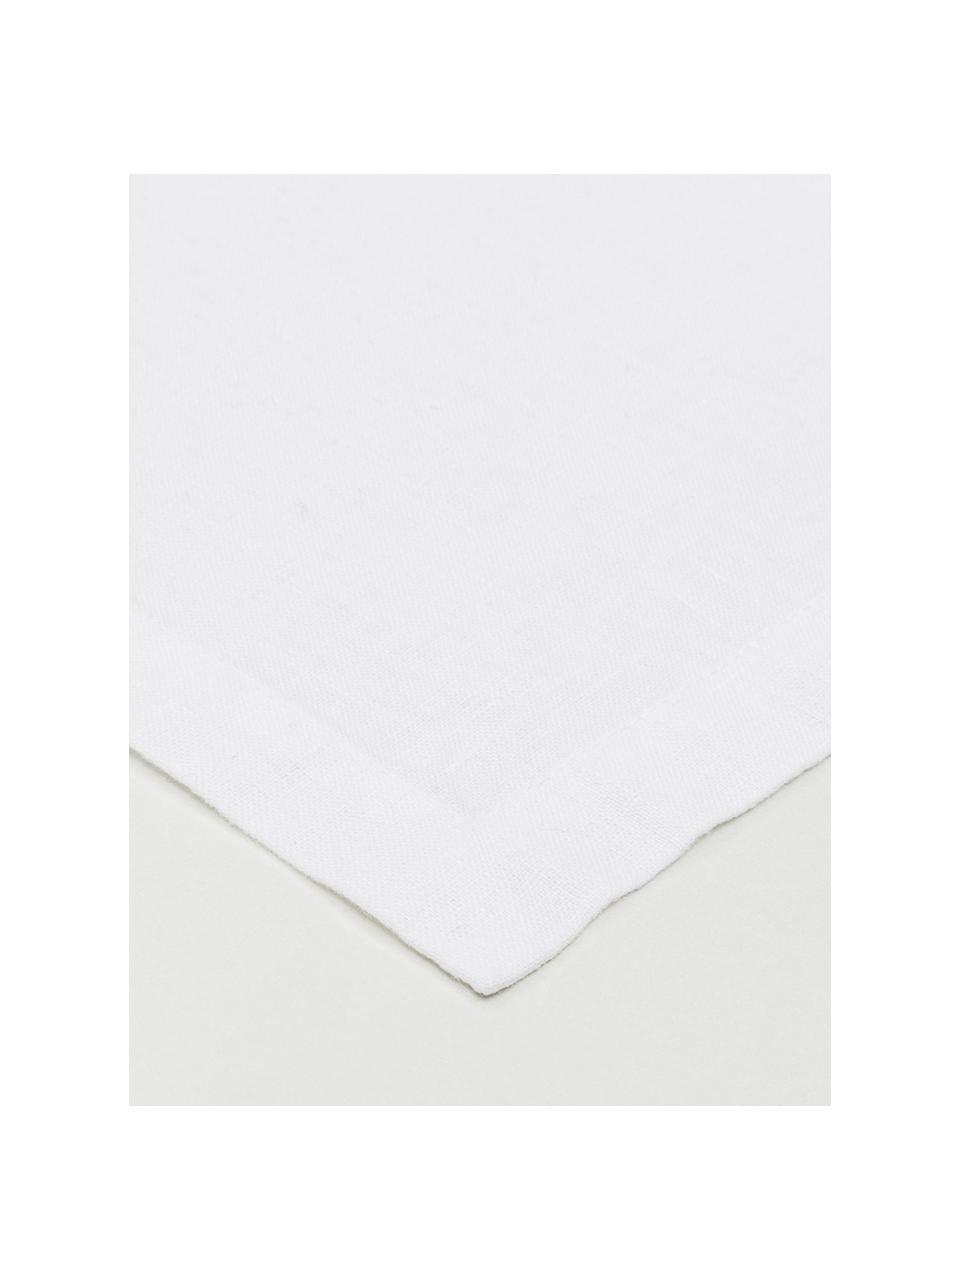 Bieżnik z lnu Ruta, Biały, S 40 x D 140 cm